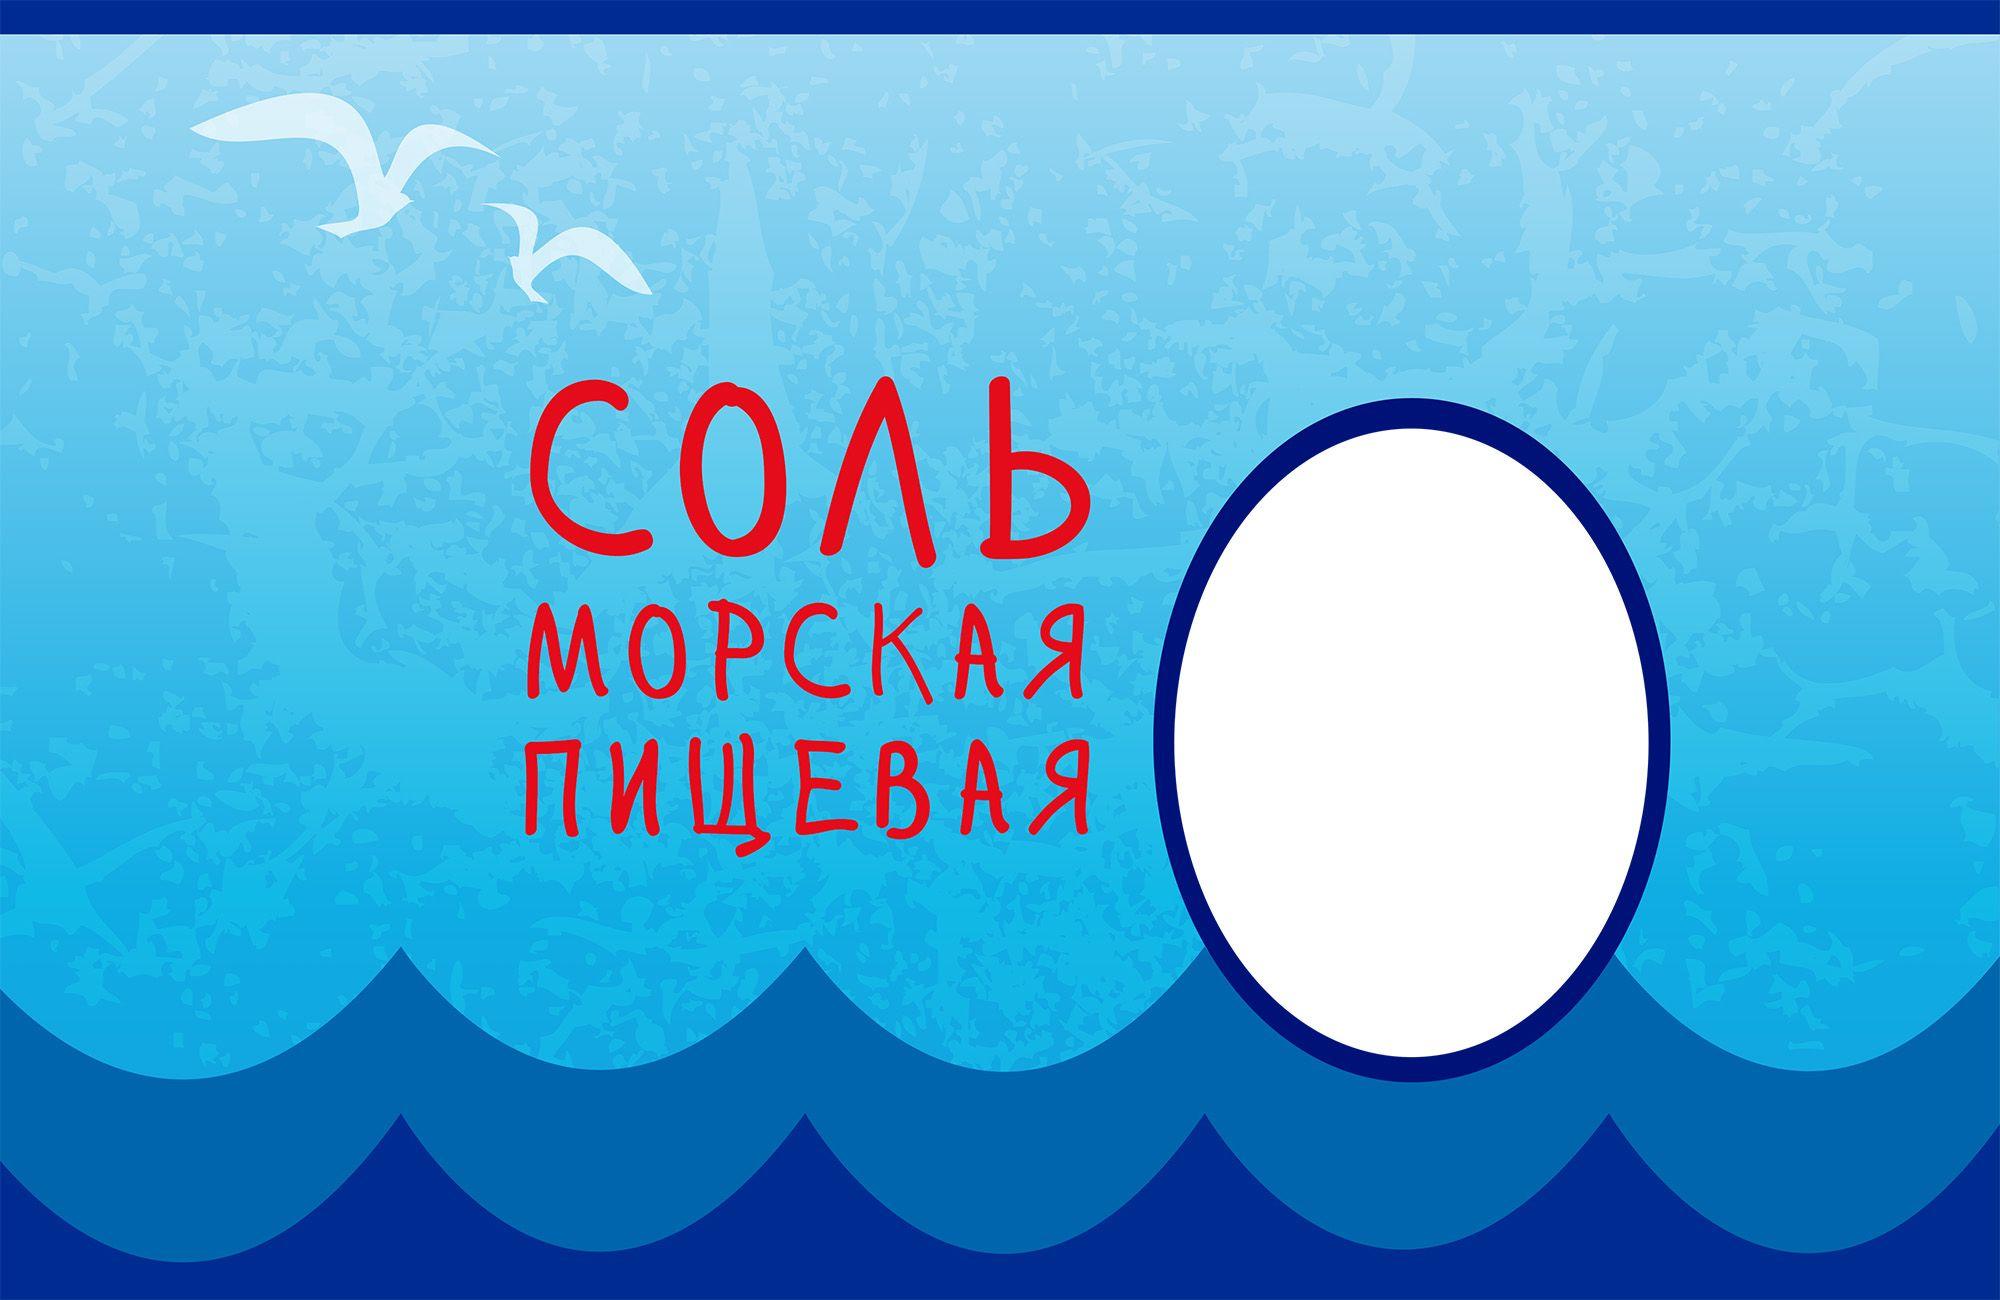 Дизайн этикетки для соли пищевой морской  - дизайнер Lilipysi4ek